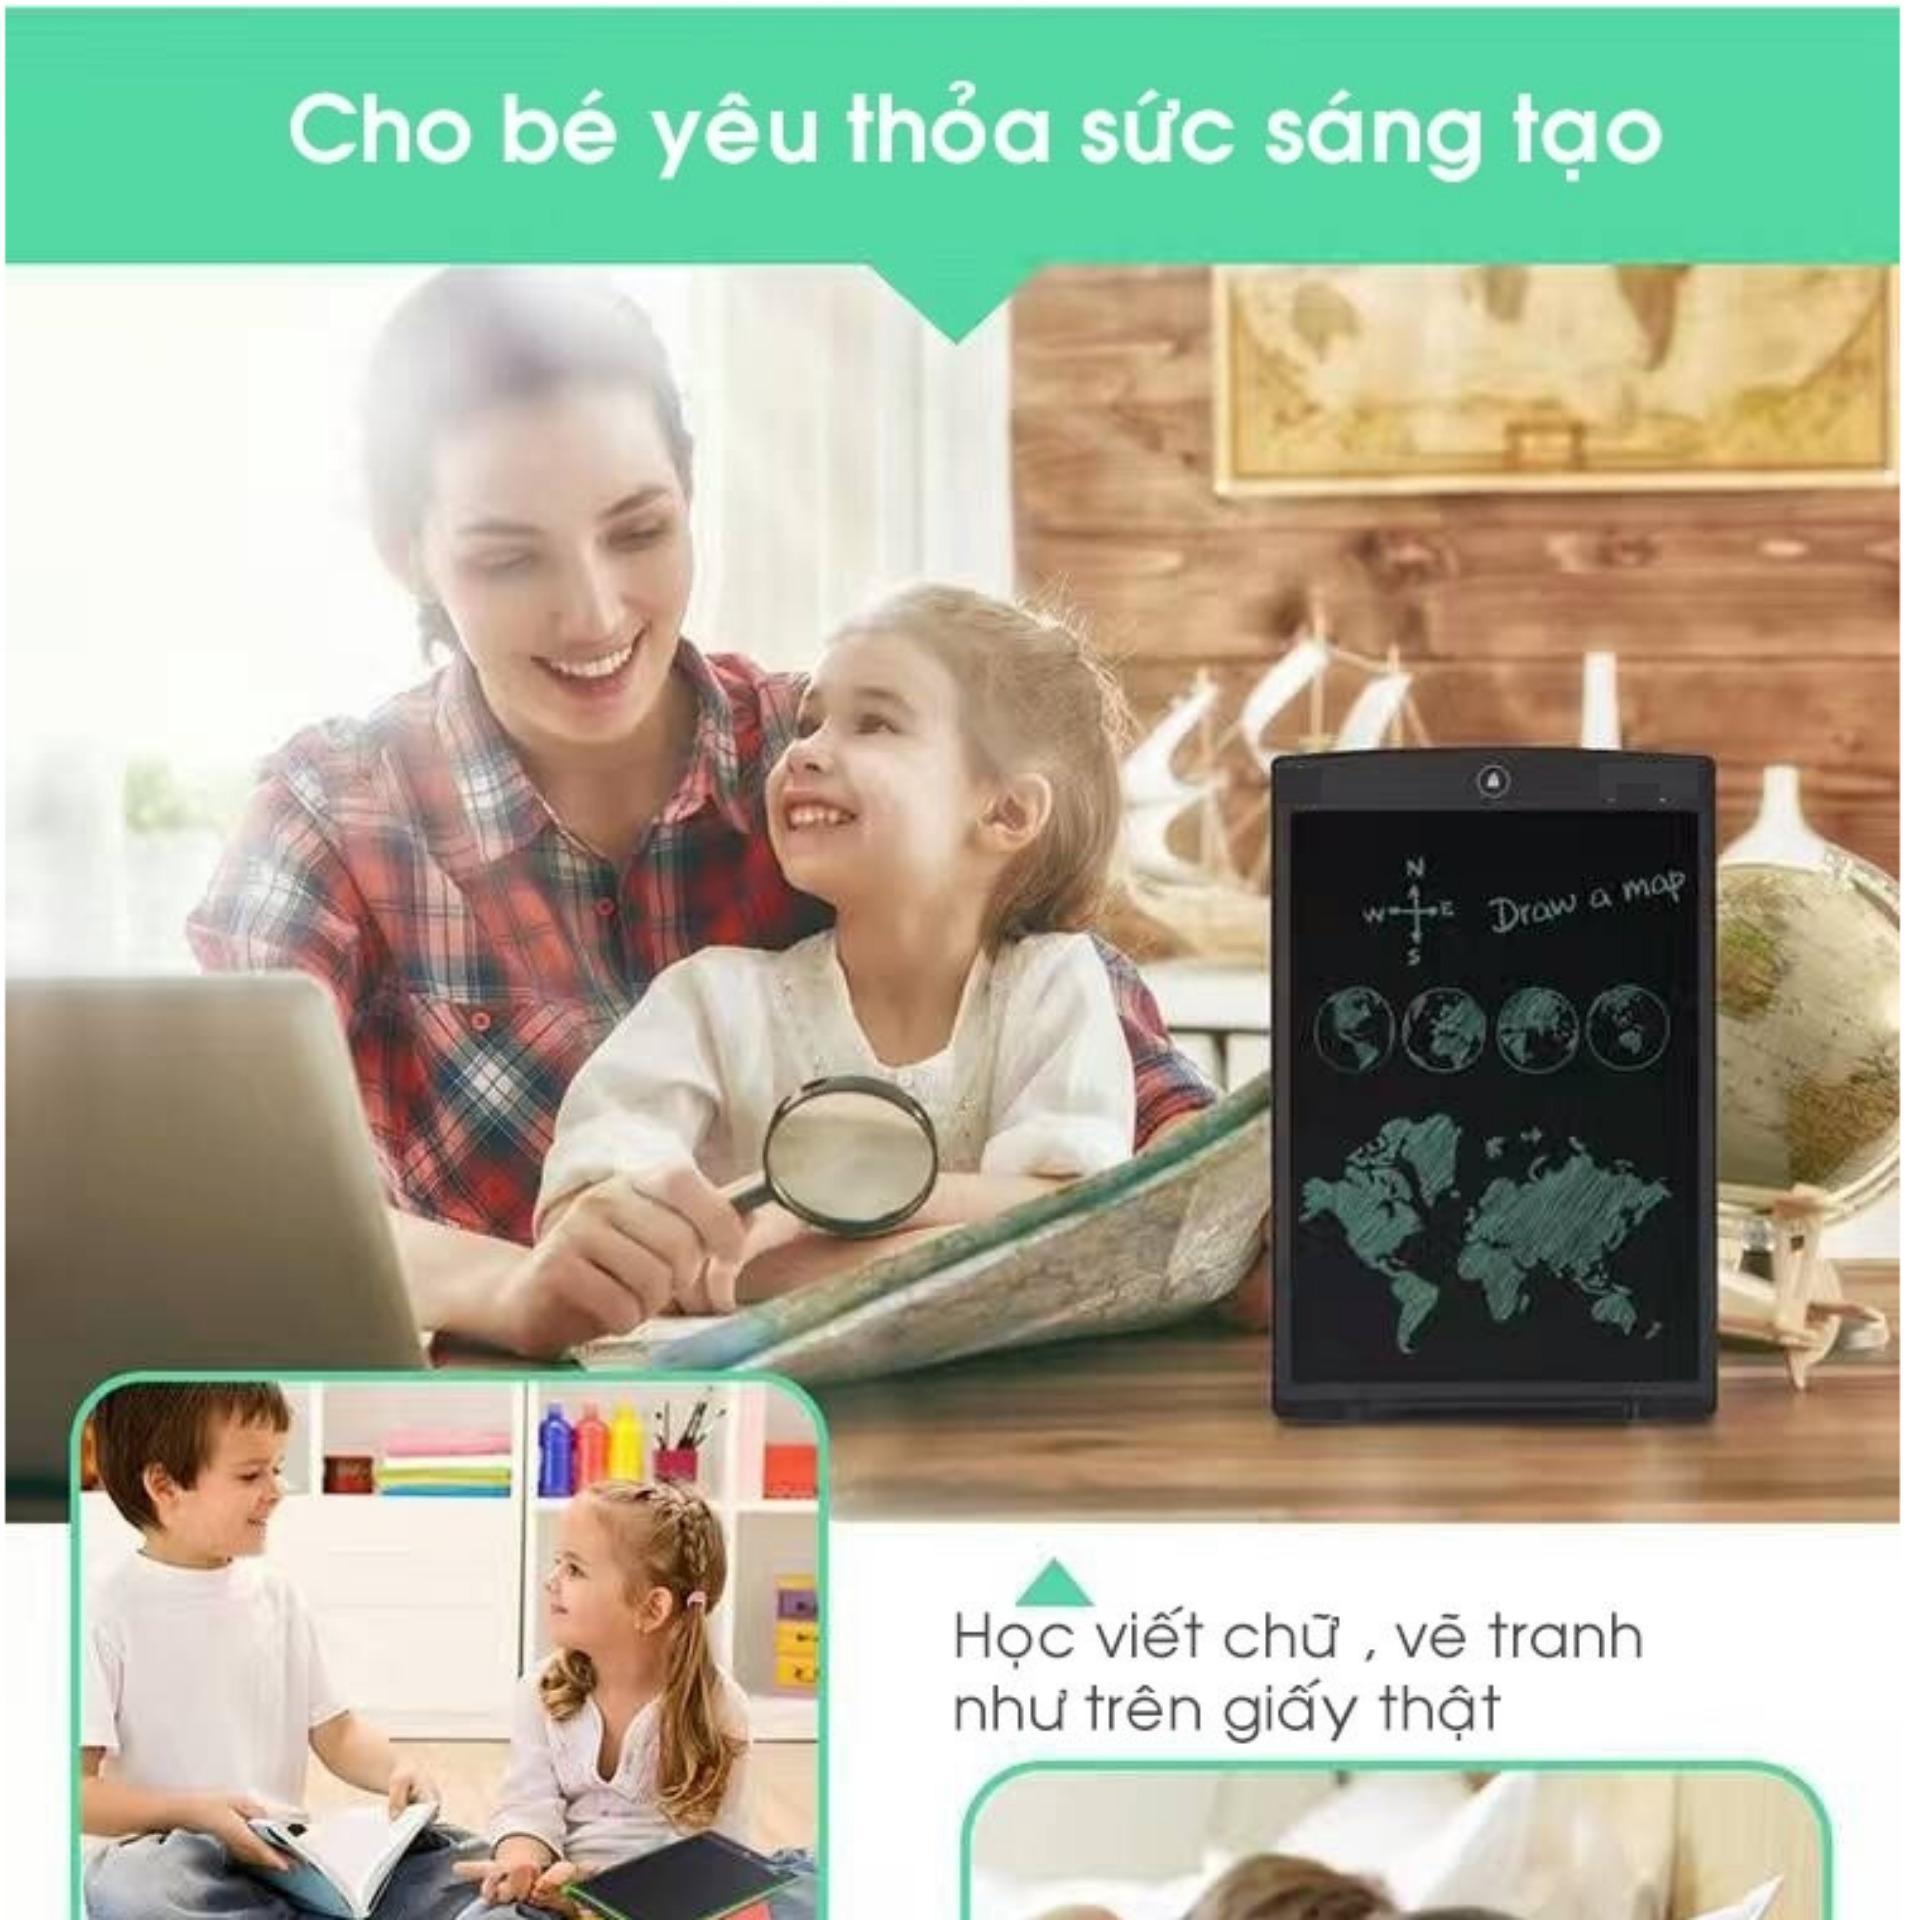 Mua Bảng viết vẽ điện tử LCD writing tablet 8.5 inch cho bé sáng tạo không giới hạn Tại New World shop